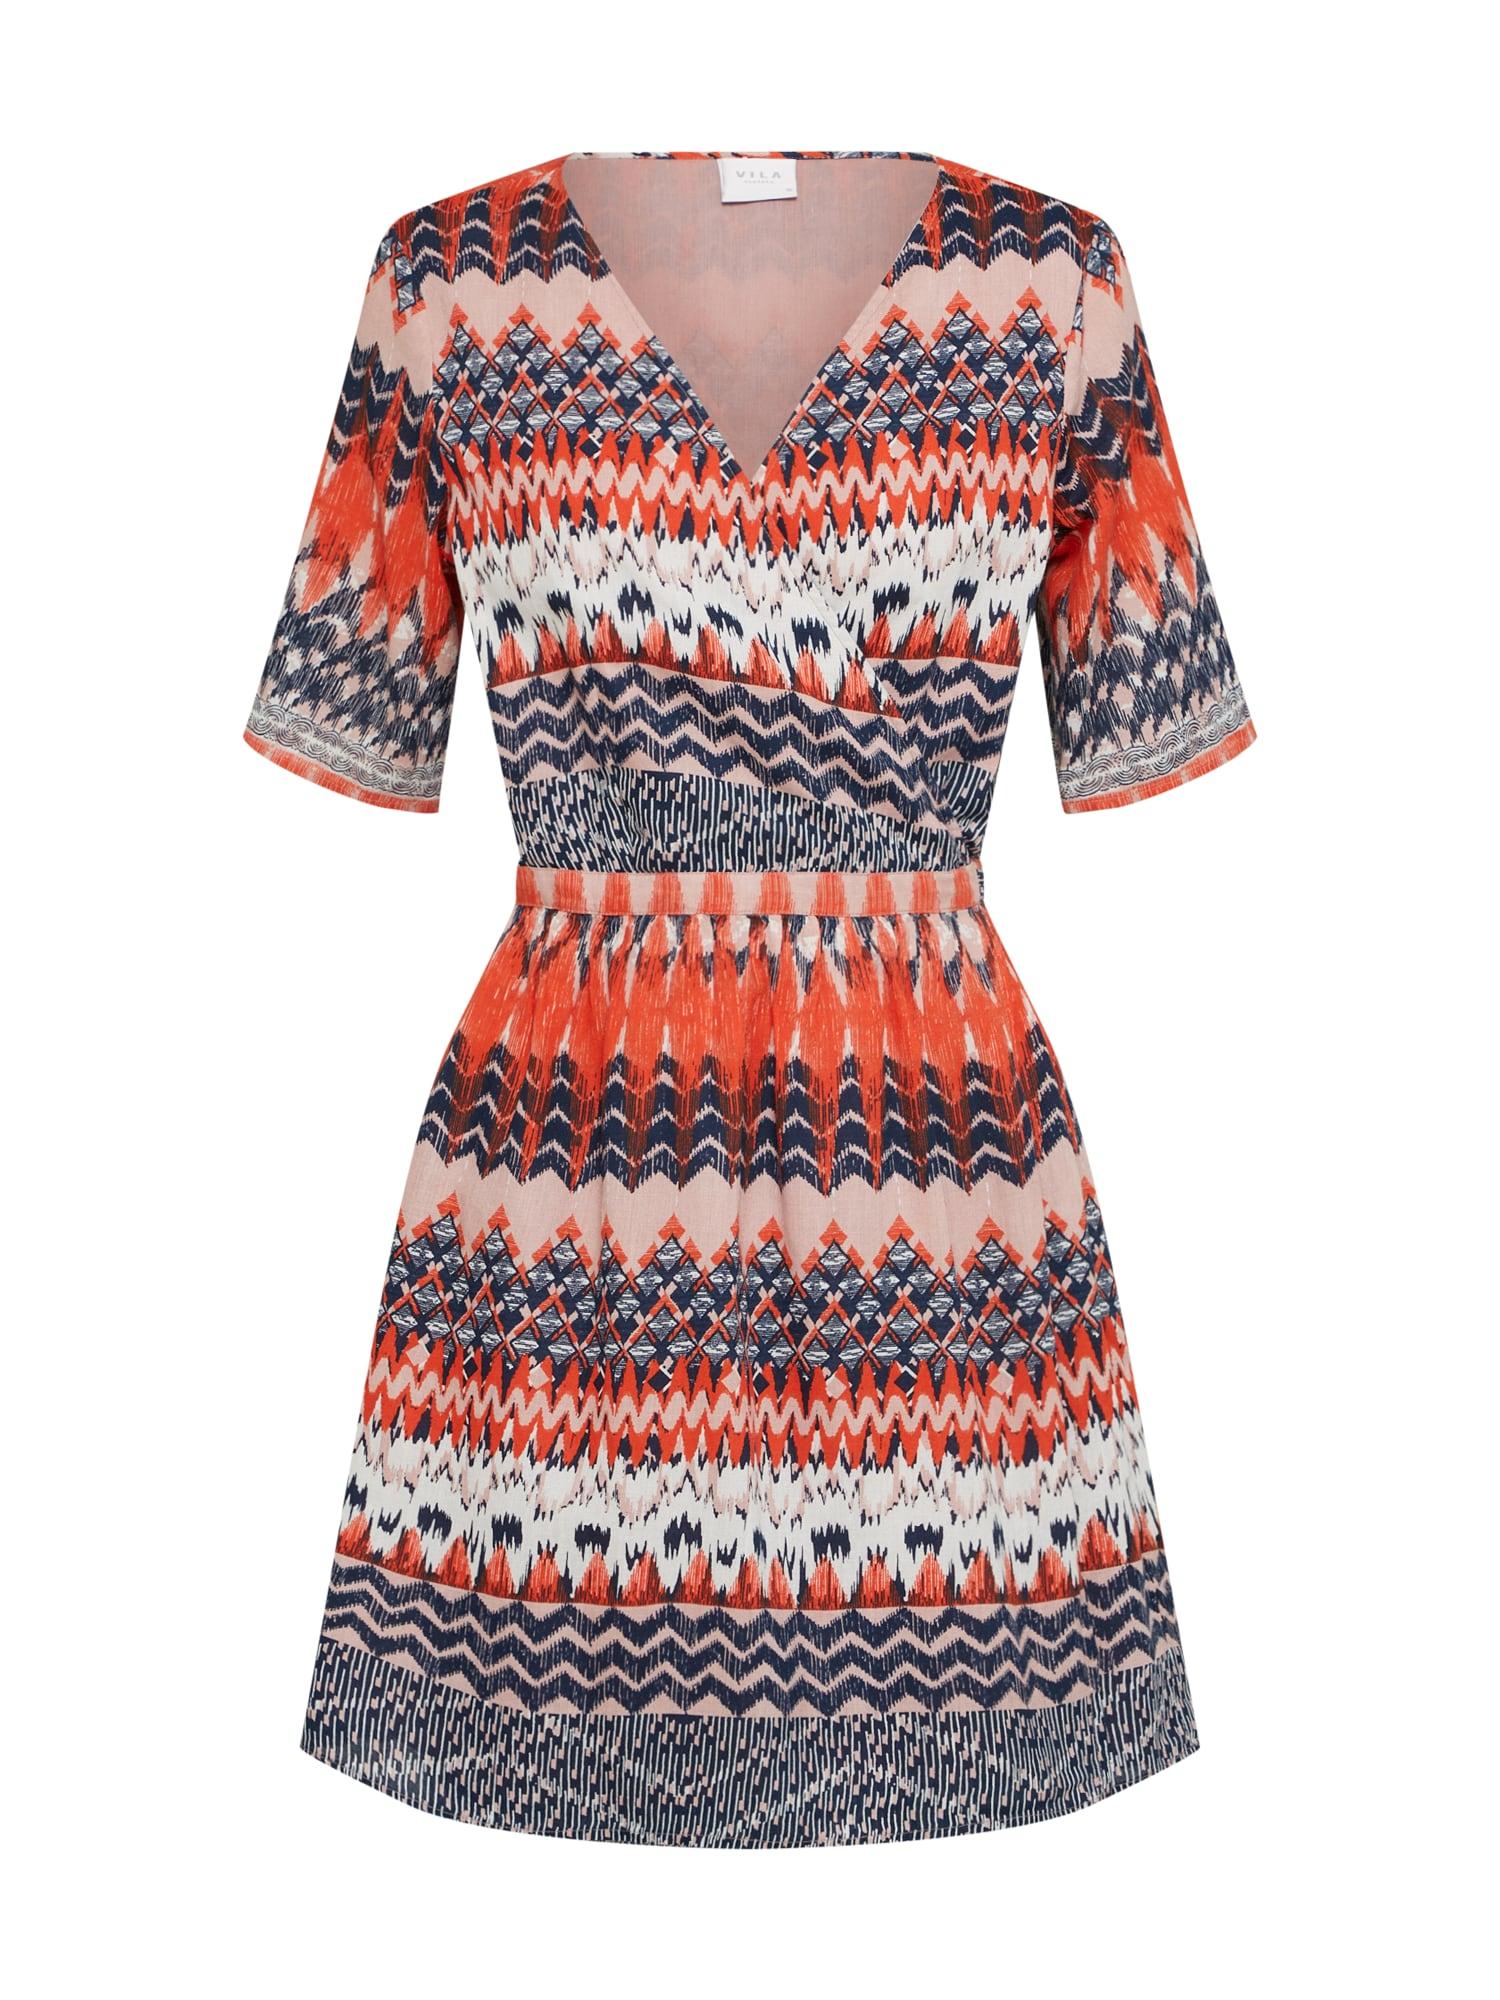 Letní šaty VISANDRO oranžová černá VILA